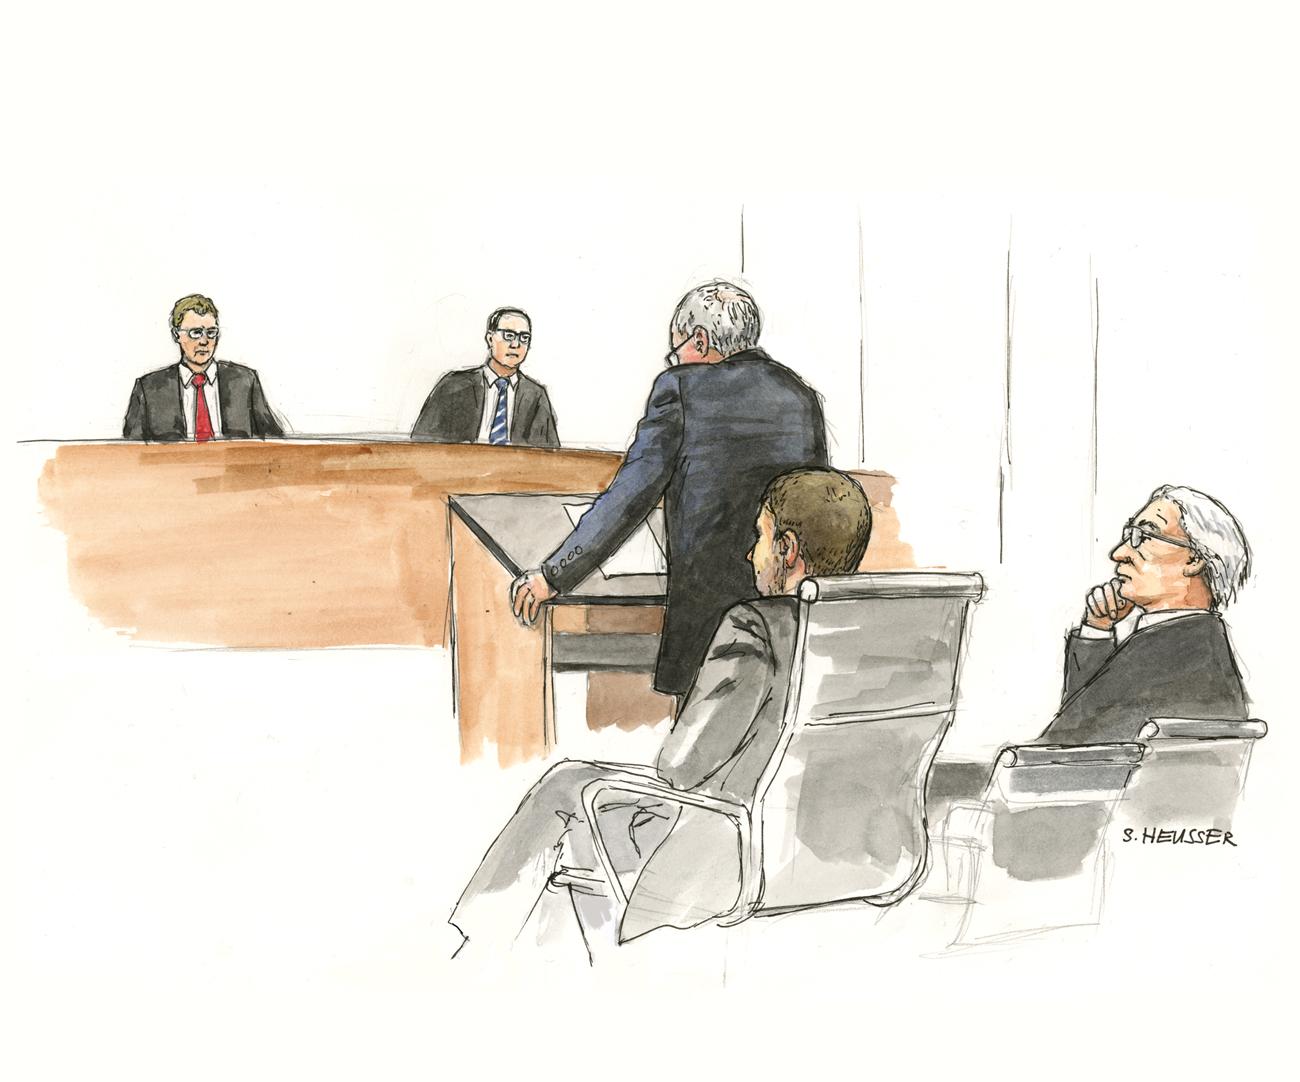 Anwalt vor den Richtern stehend